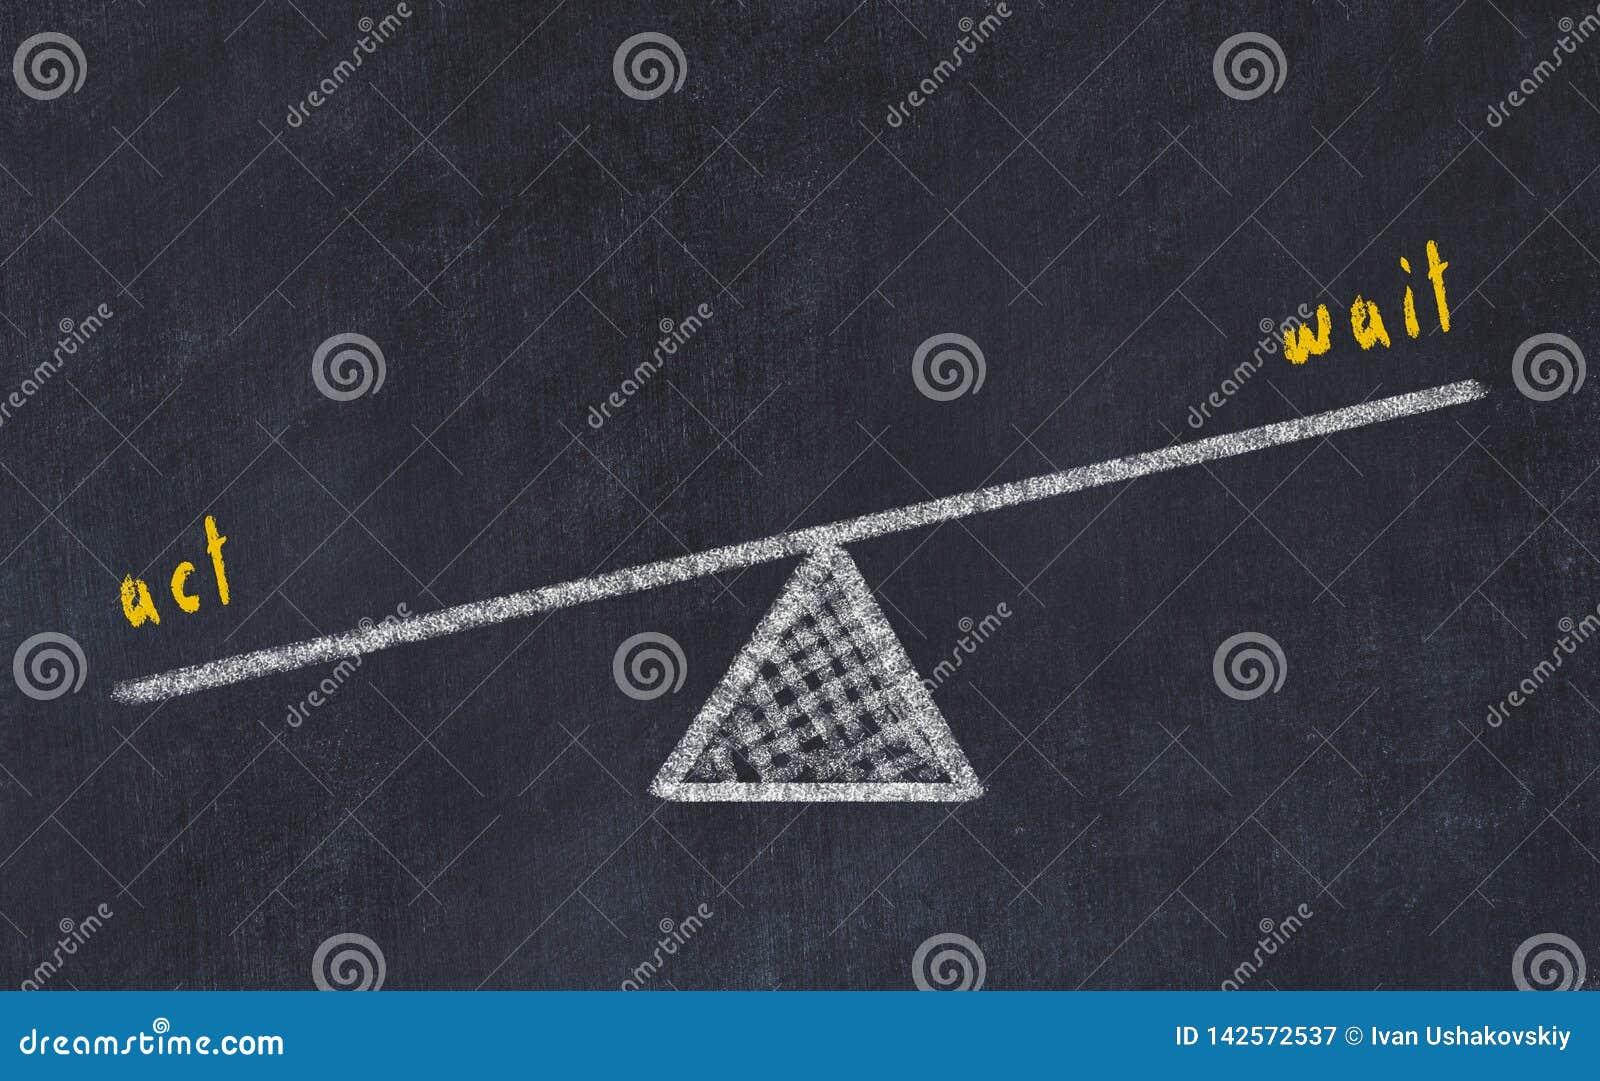 De illustratie van de schoolbordschets Concept evenwicht tussen wachttijd en handeling